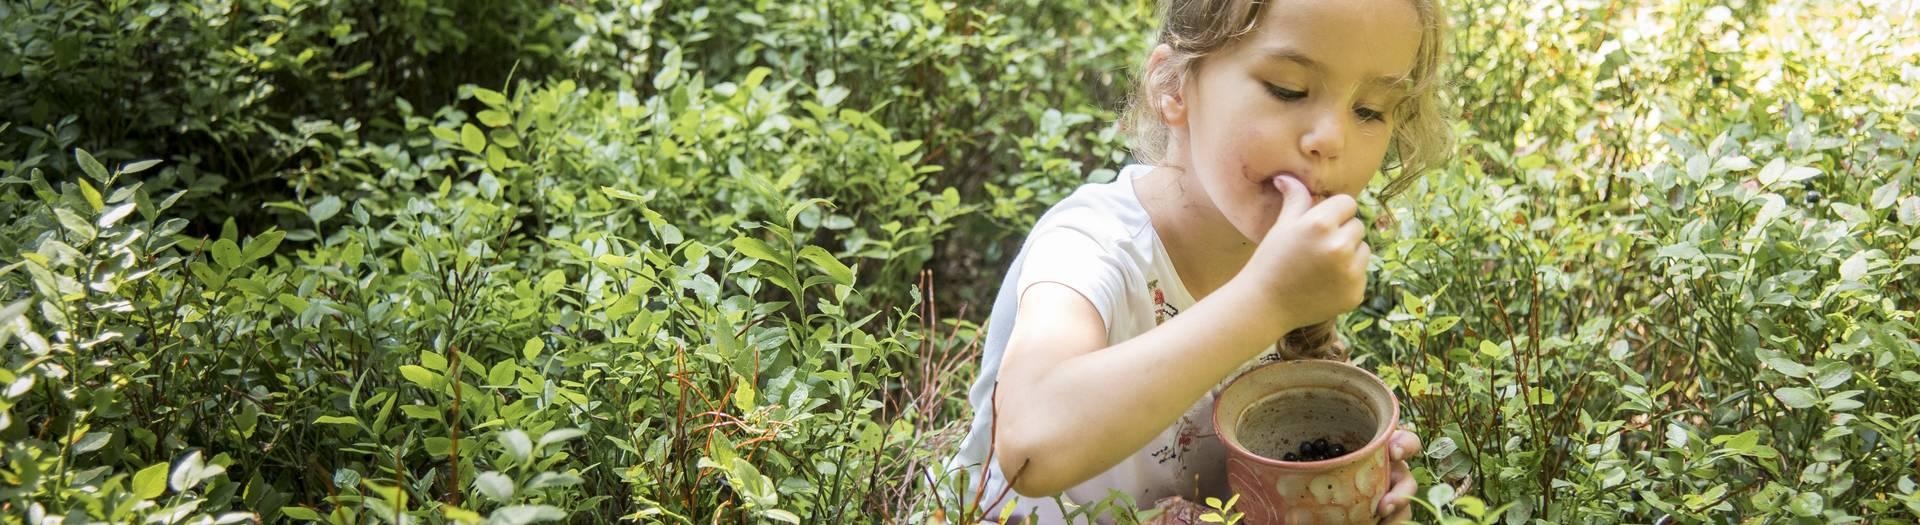 Geschmack der Kindheit - Naturgut Lassen Beeren pflücken